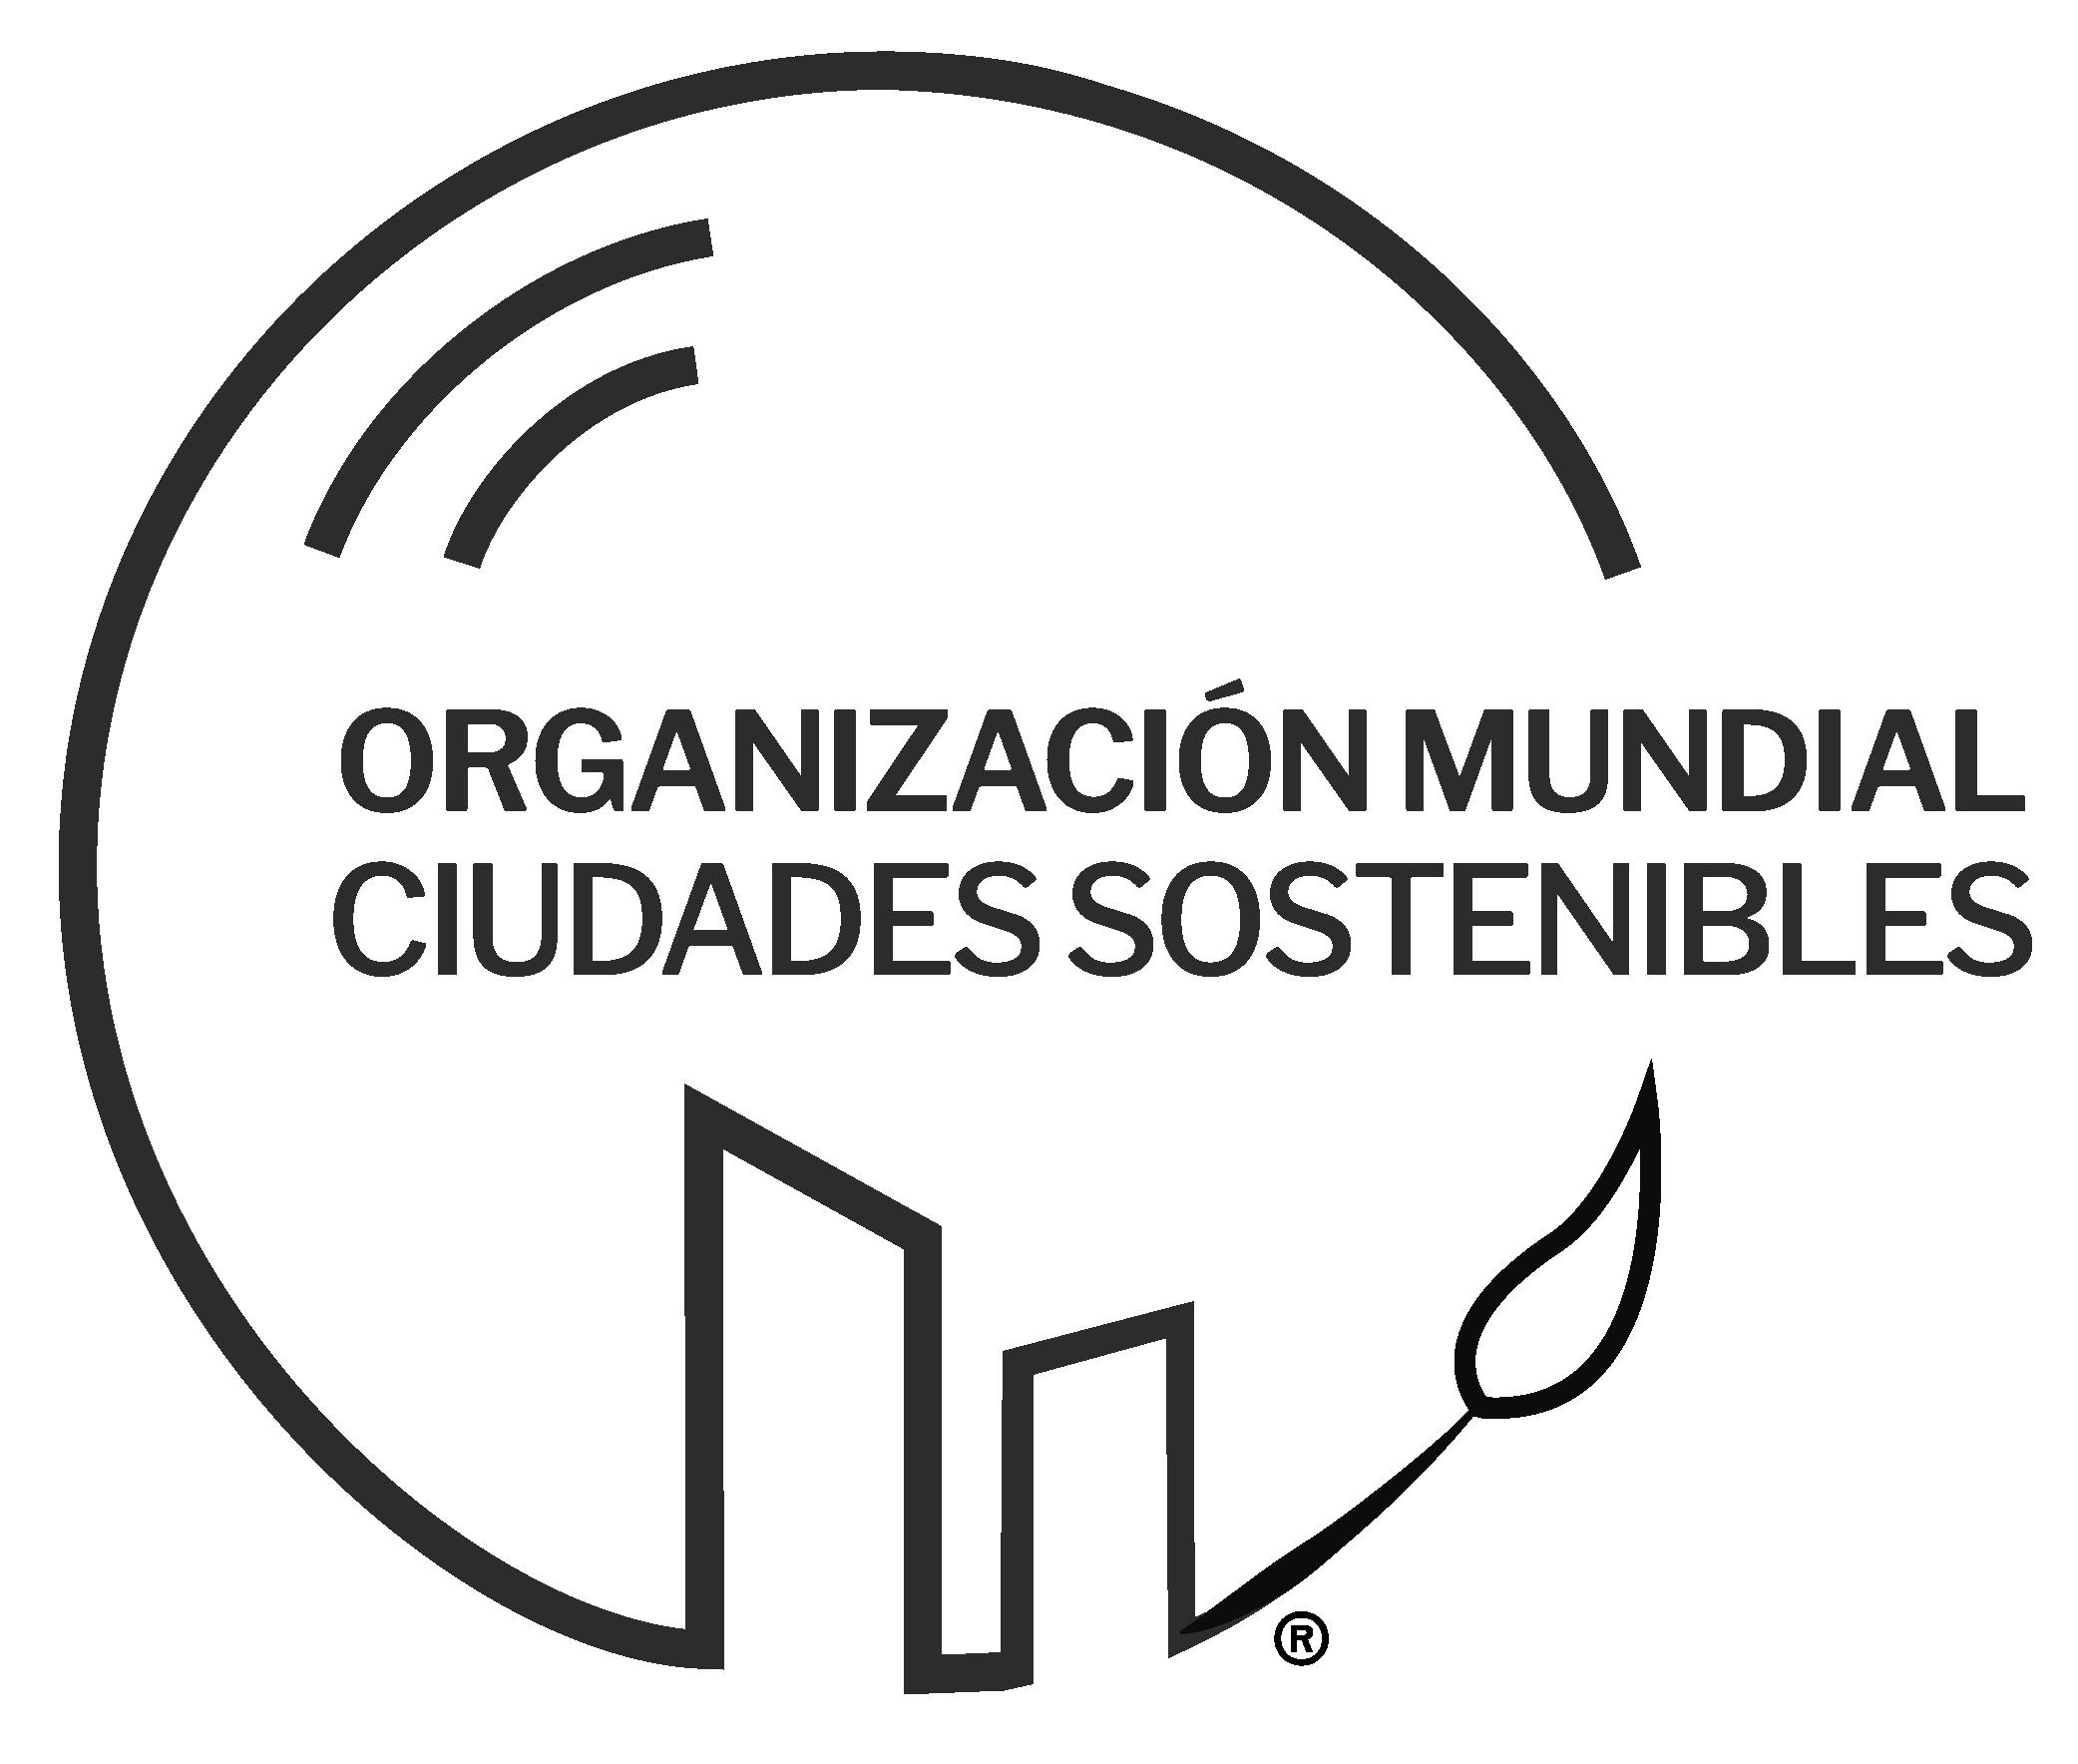 Organización Mundial Ciudades Sostenibles